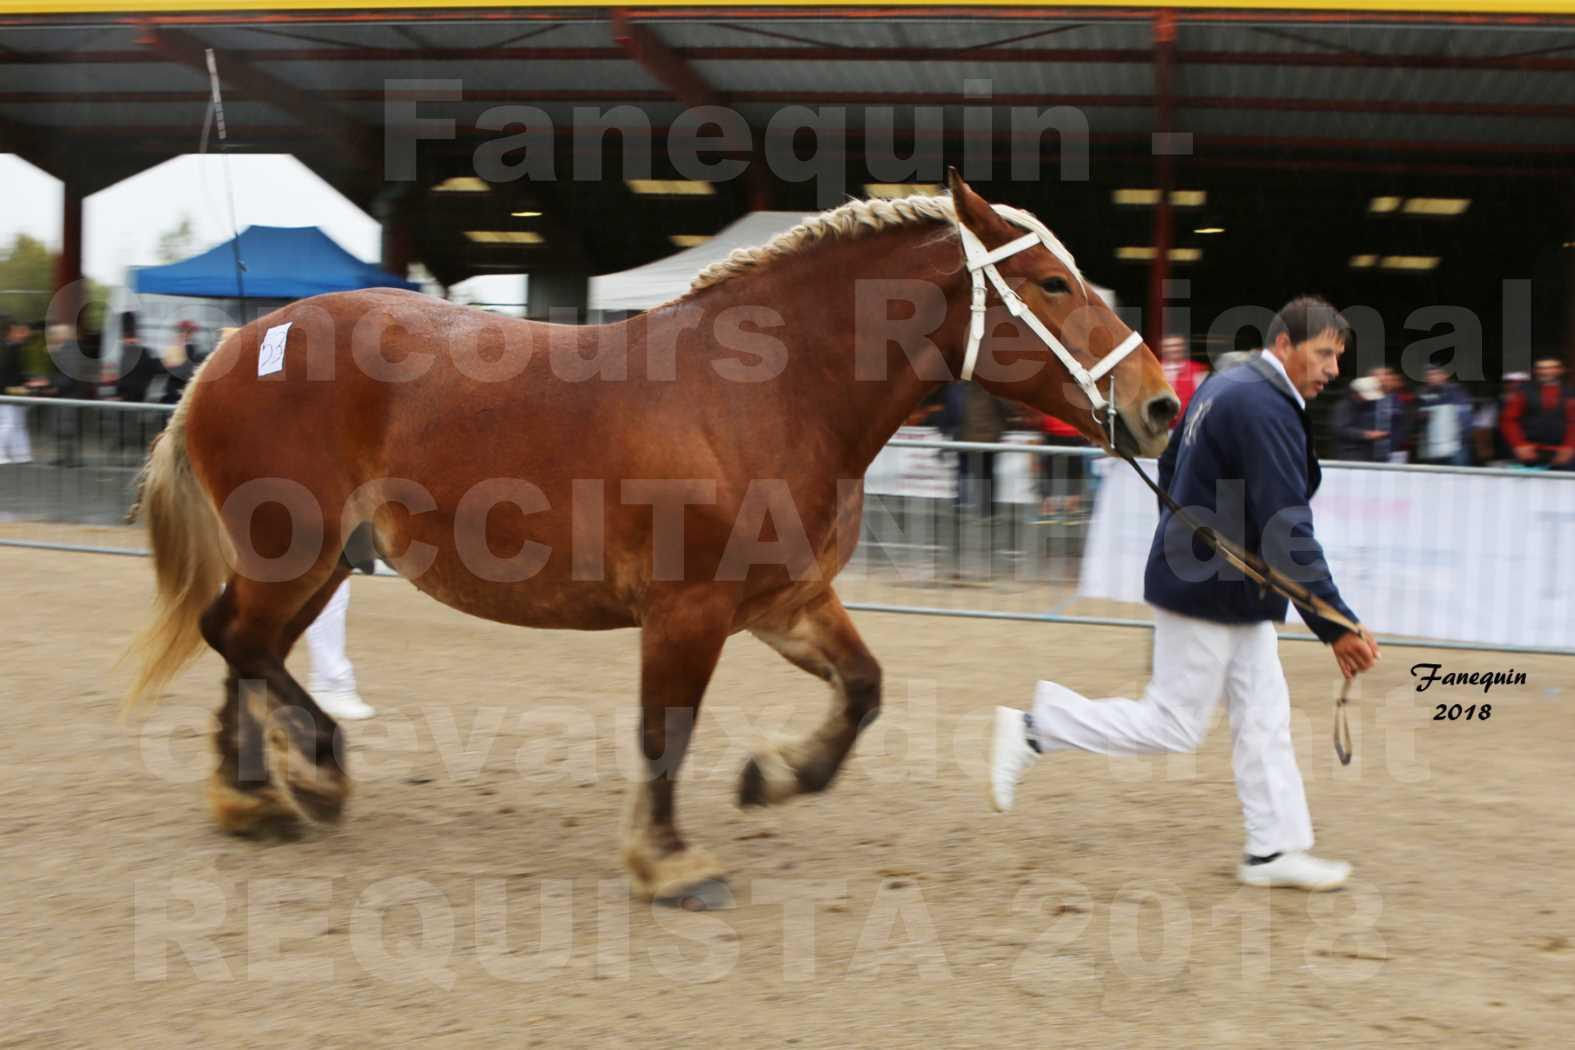 Concours Régional OCCITANIE de chevaux de traits à REQUISTA - DIANE DE GRILLOLES - 4